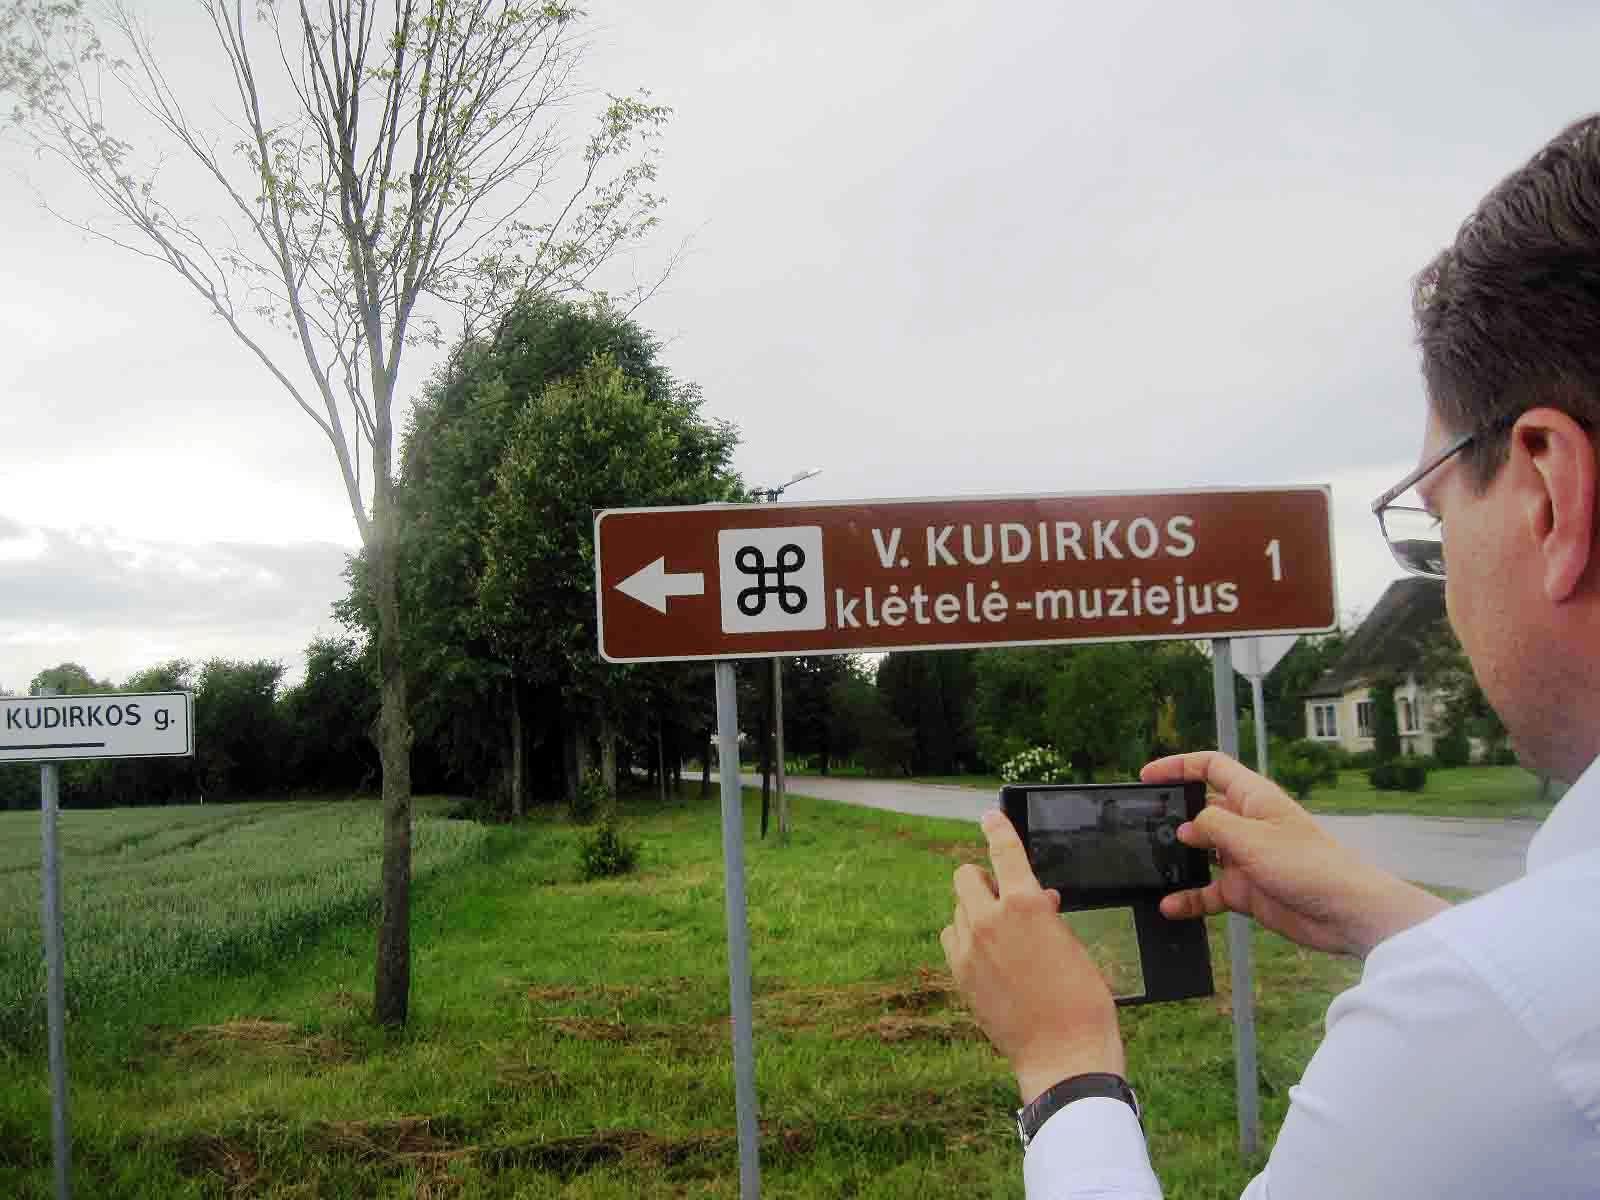 Rodyklė tebekviečia į jau neveikiantį Vinco Kudirkos muziejų | P. S. Krivicko nuotr.